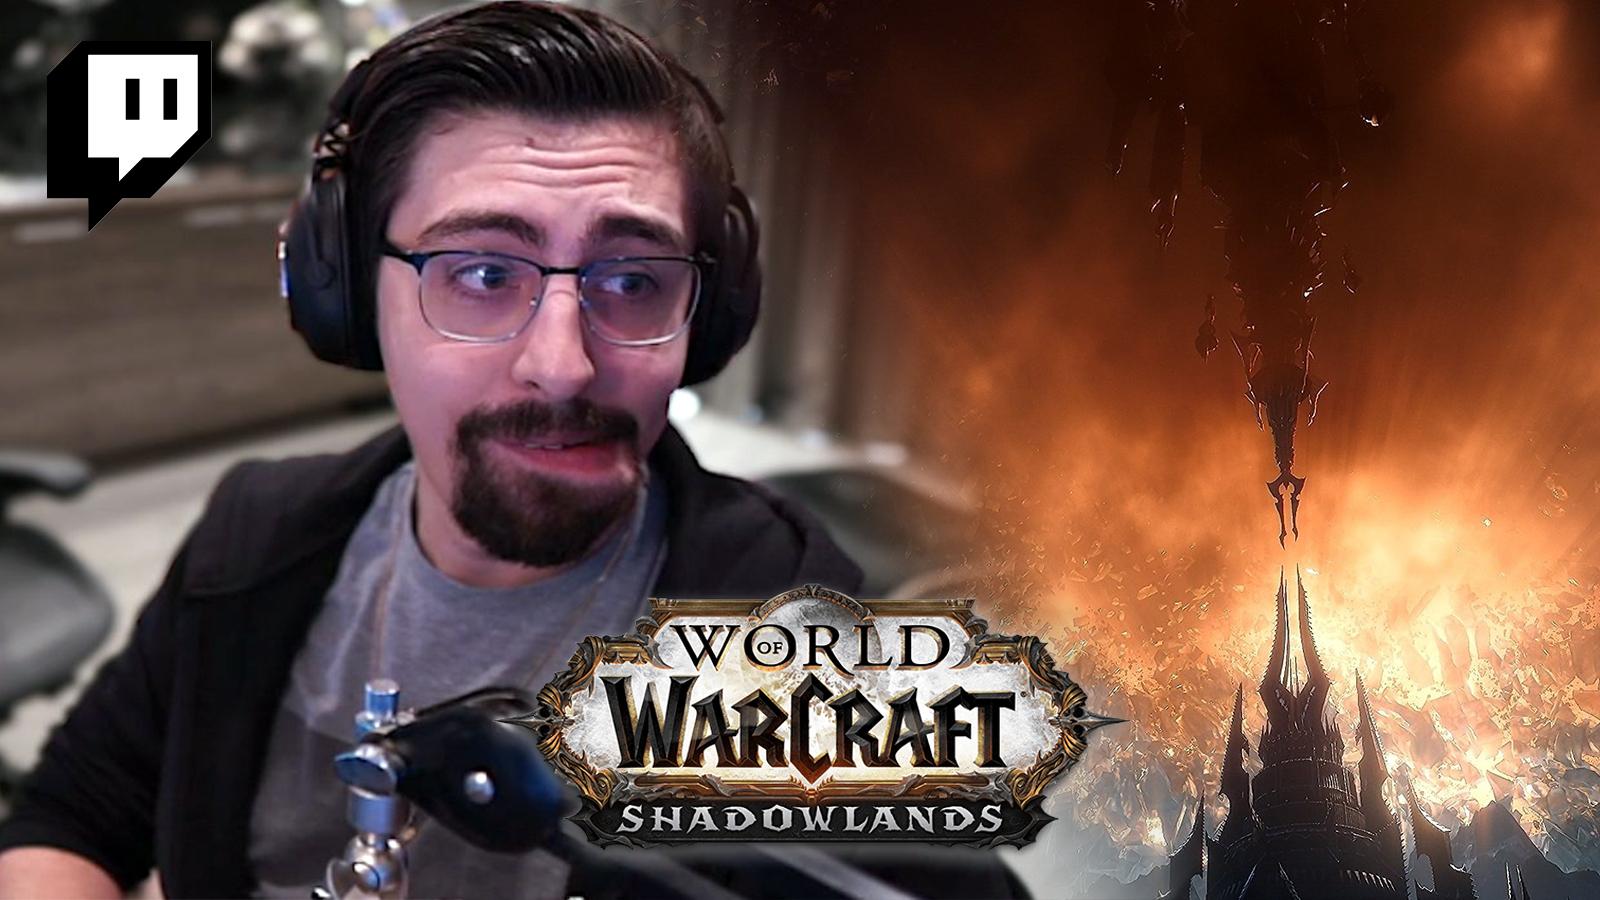 Shroud World of Warcraft Shadowlands